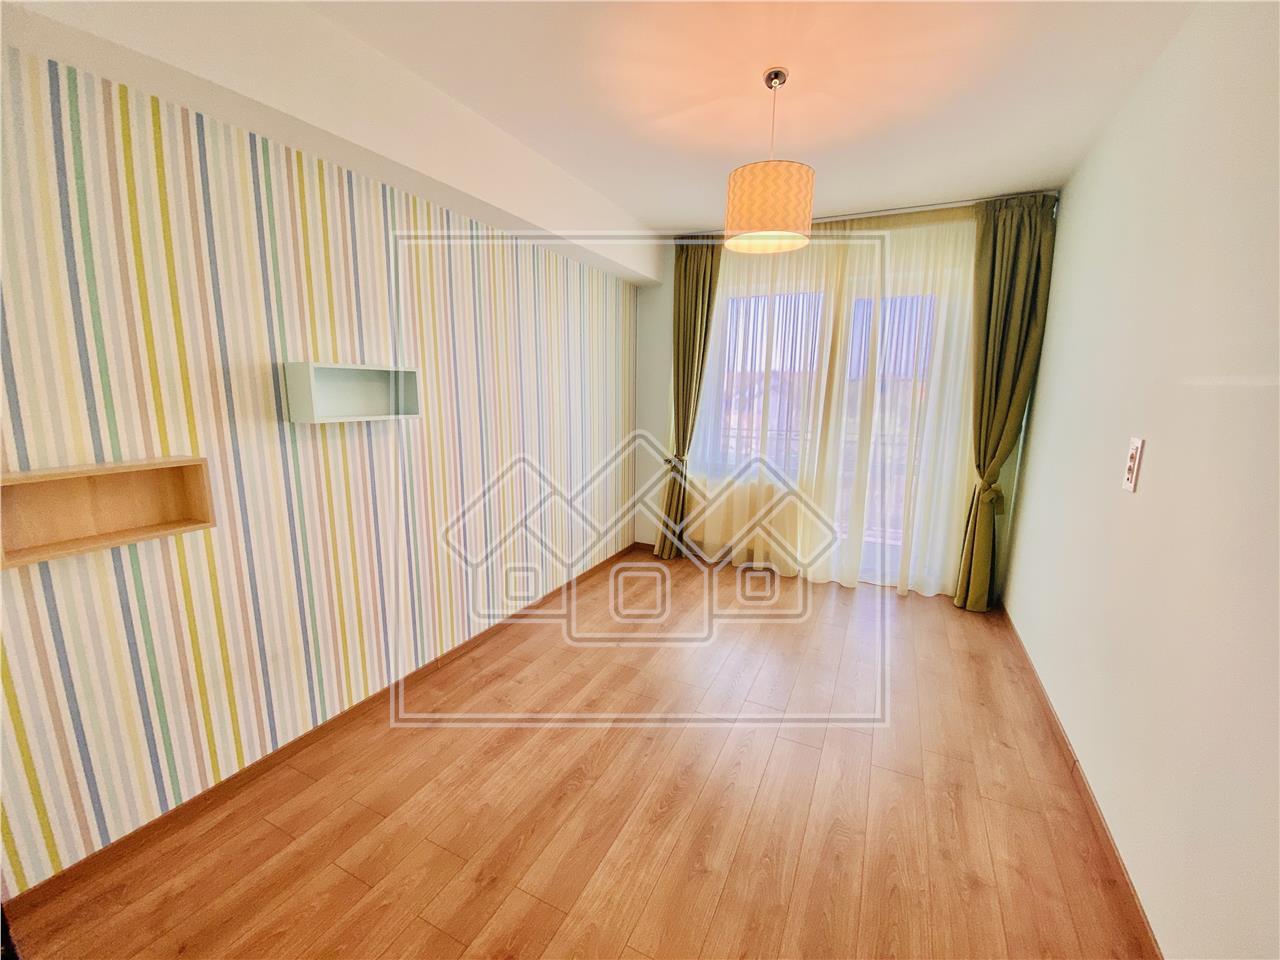 Apartament de inchiriat in Sibiu - 3 camere si 2 bai - Calea Dumbravii